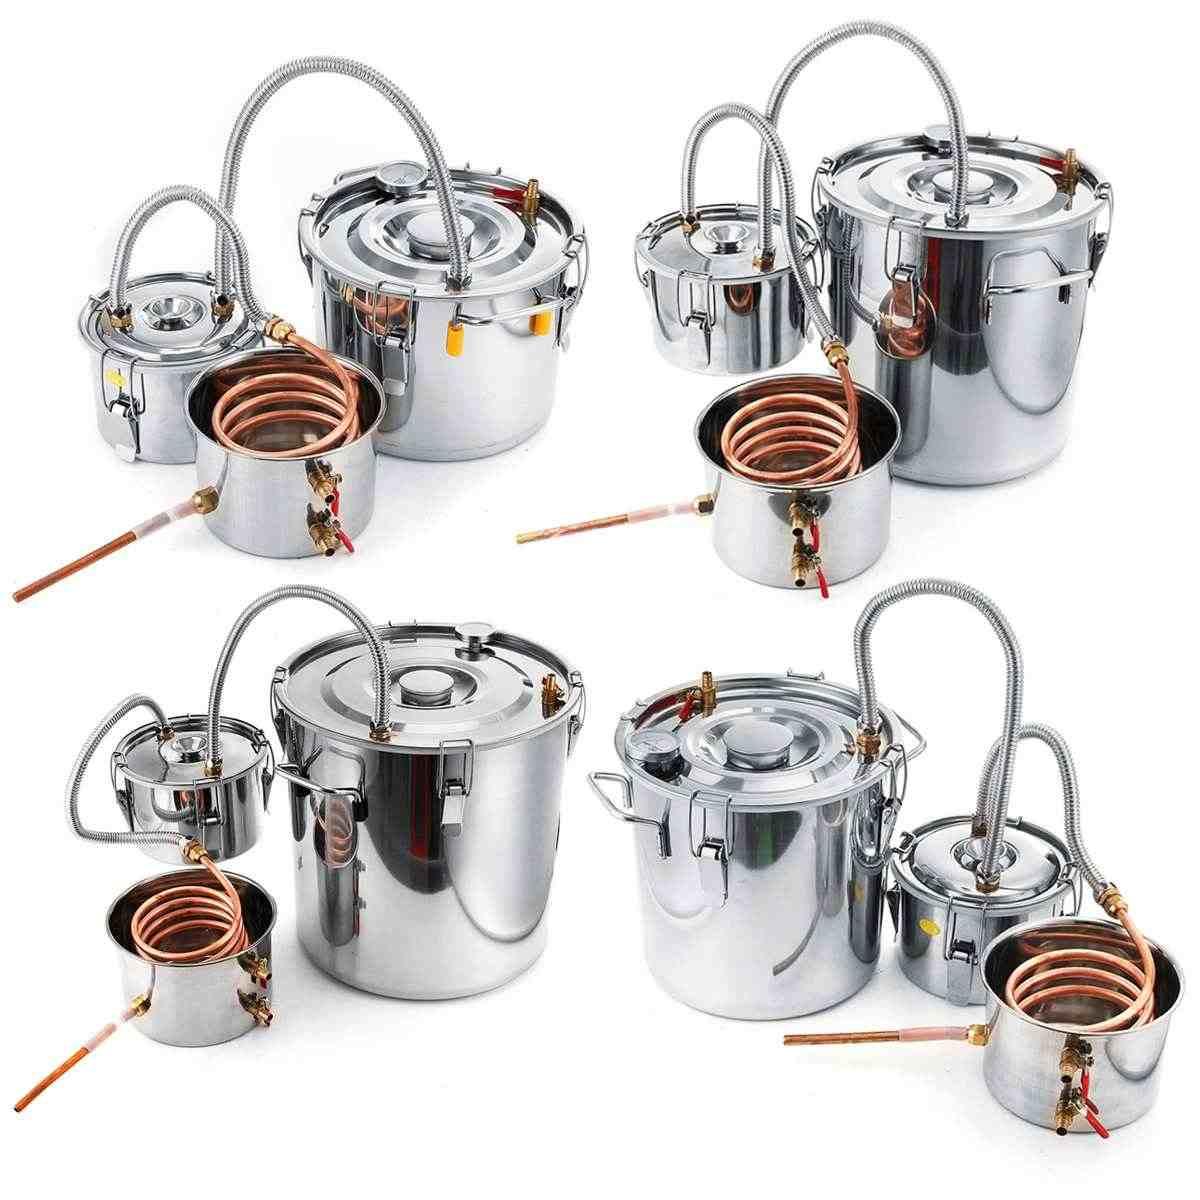 2/3/5/8 галлонов DIY домашний дистиллятор для пивоварения Самогонный спирт из нержавеющей меди Вода Вино эфирное масло пивоварения набор с Кули